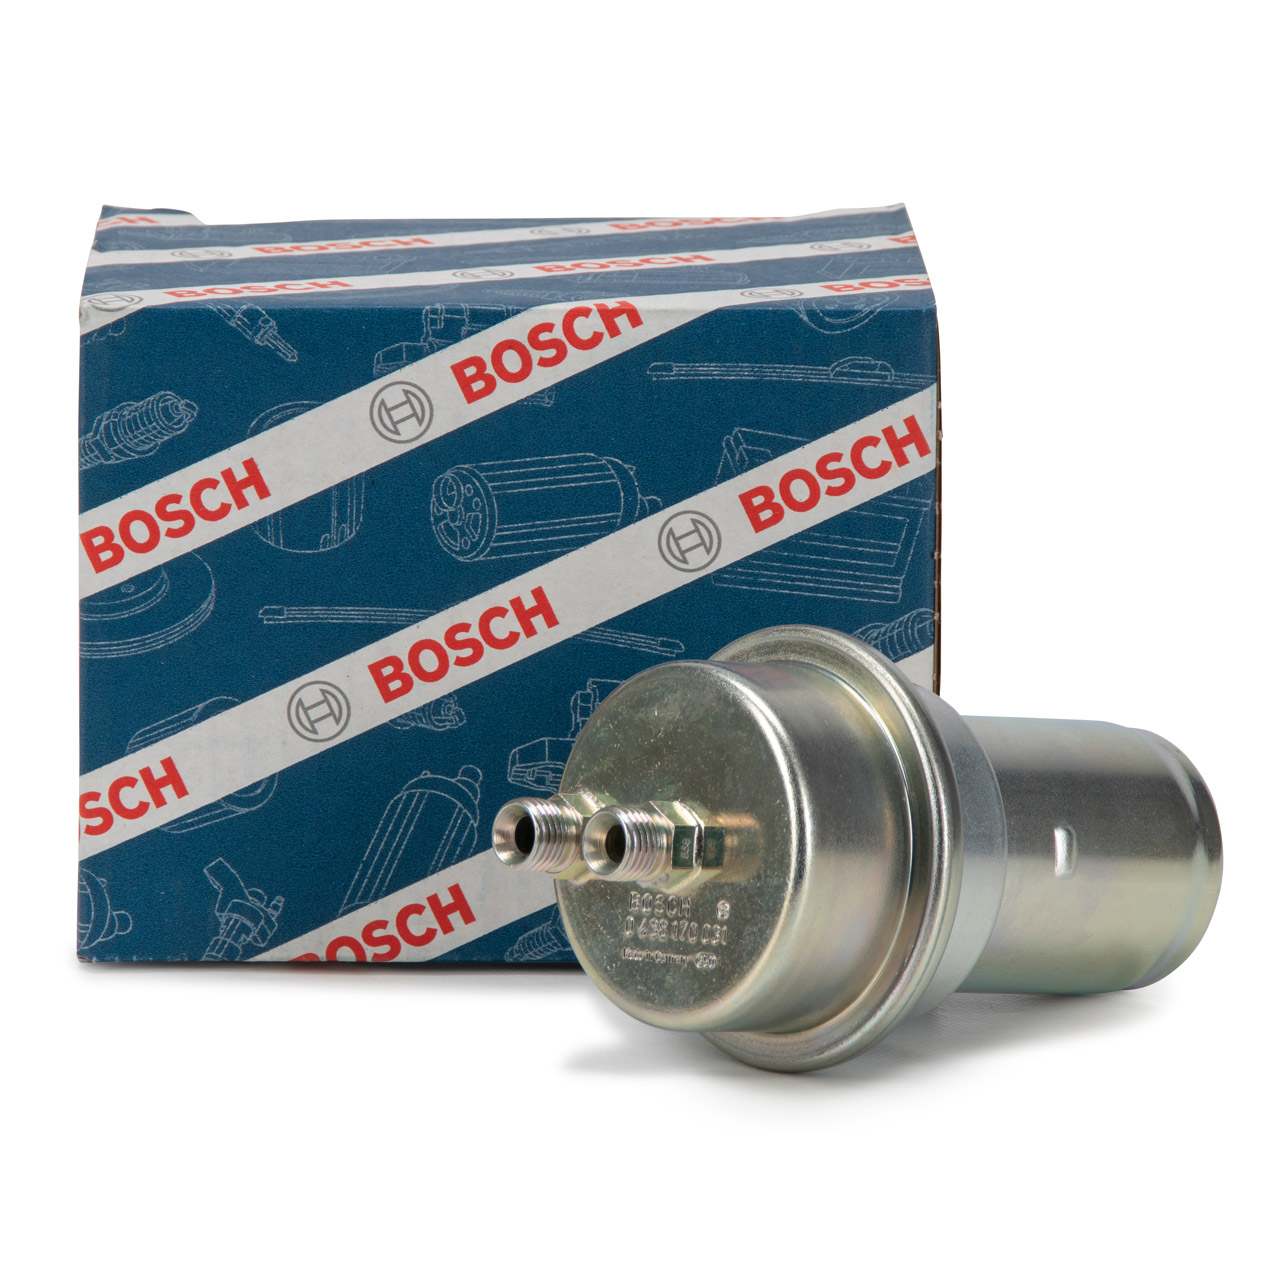 BOSCH 0438170031 Druckspeicher Kraftstoff PORSCHE 911 3.0 SC 3.3 Turbo 964 3.3/3.6 Turbo